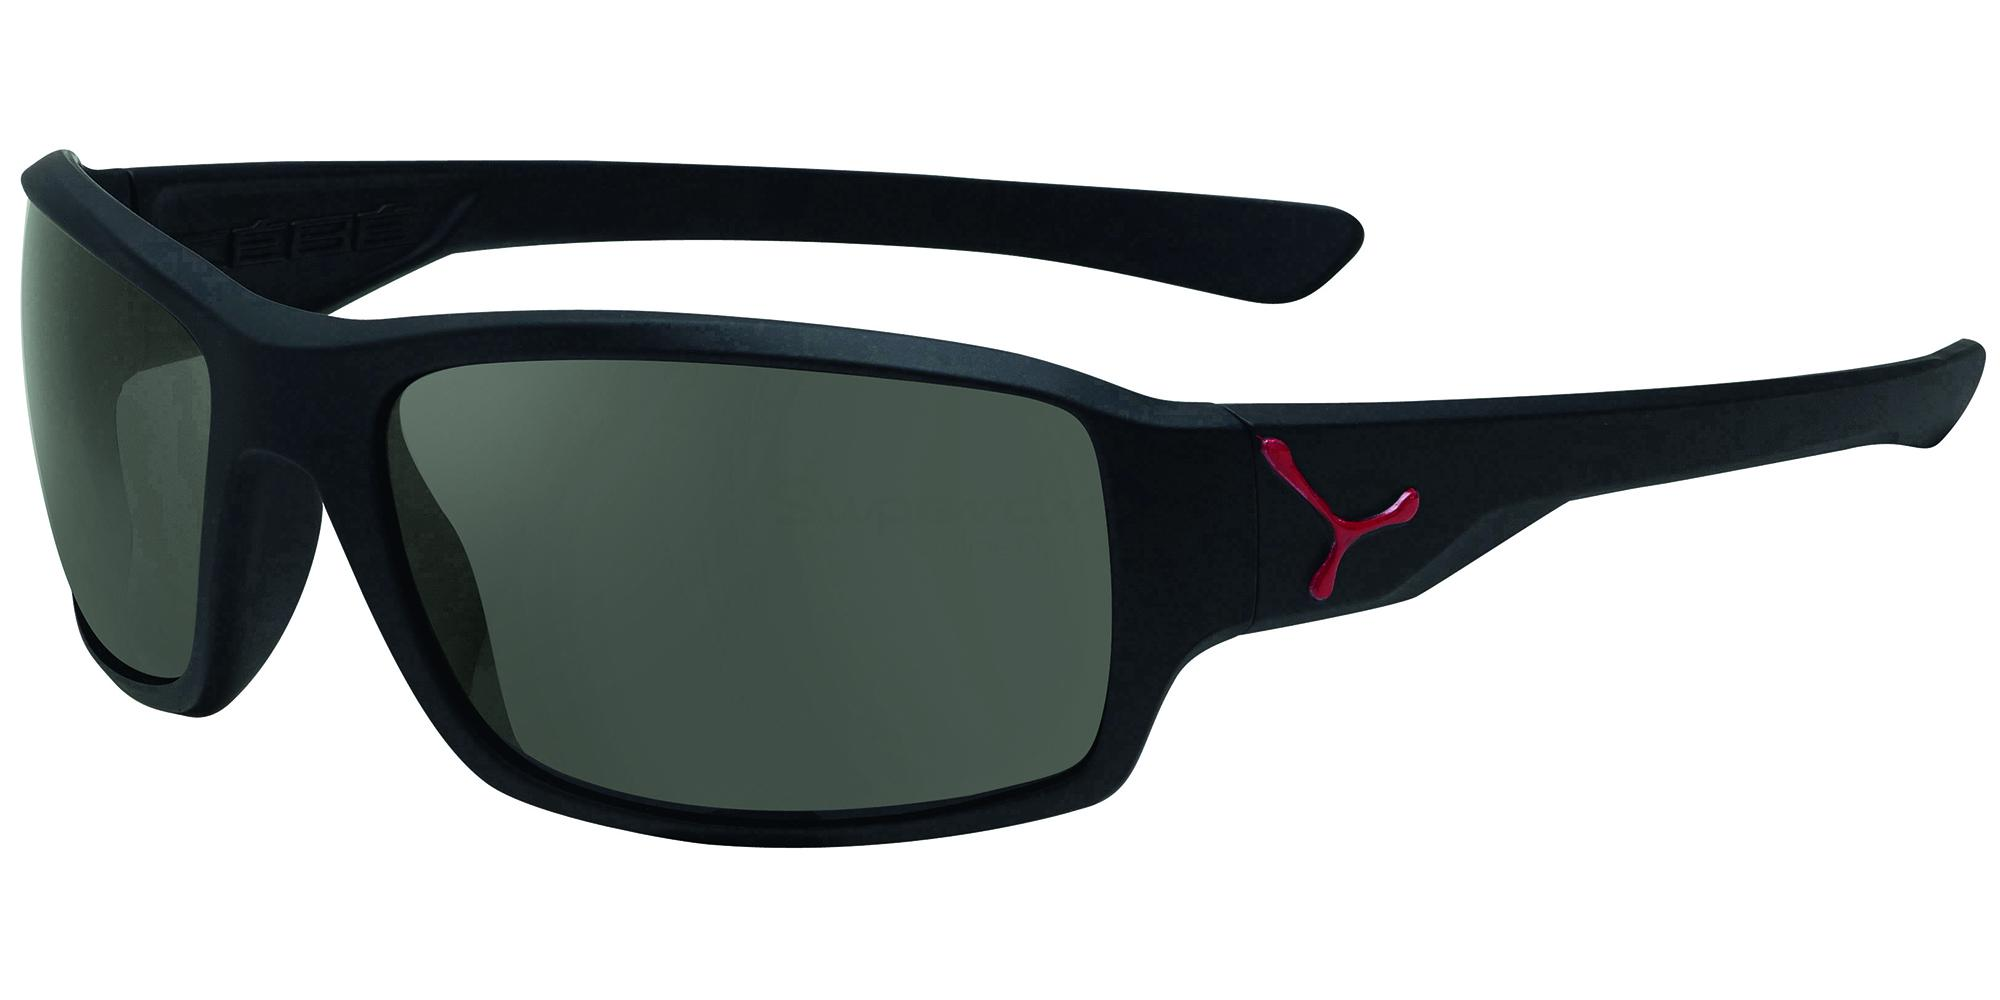 CBHAKA2 Haka Sunglasses, Cebe